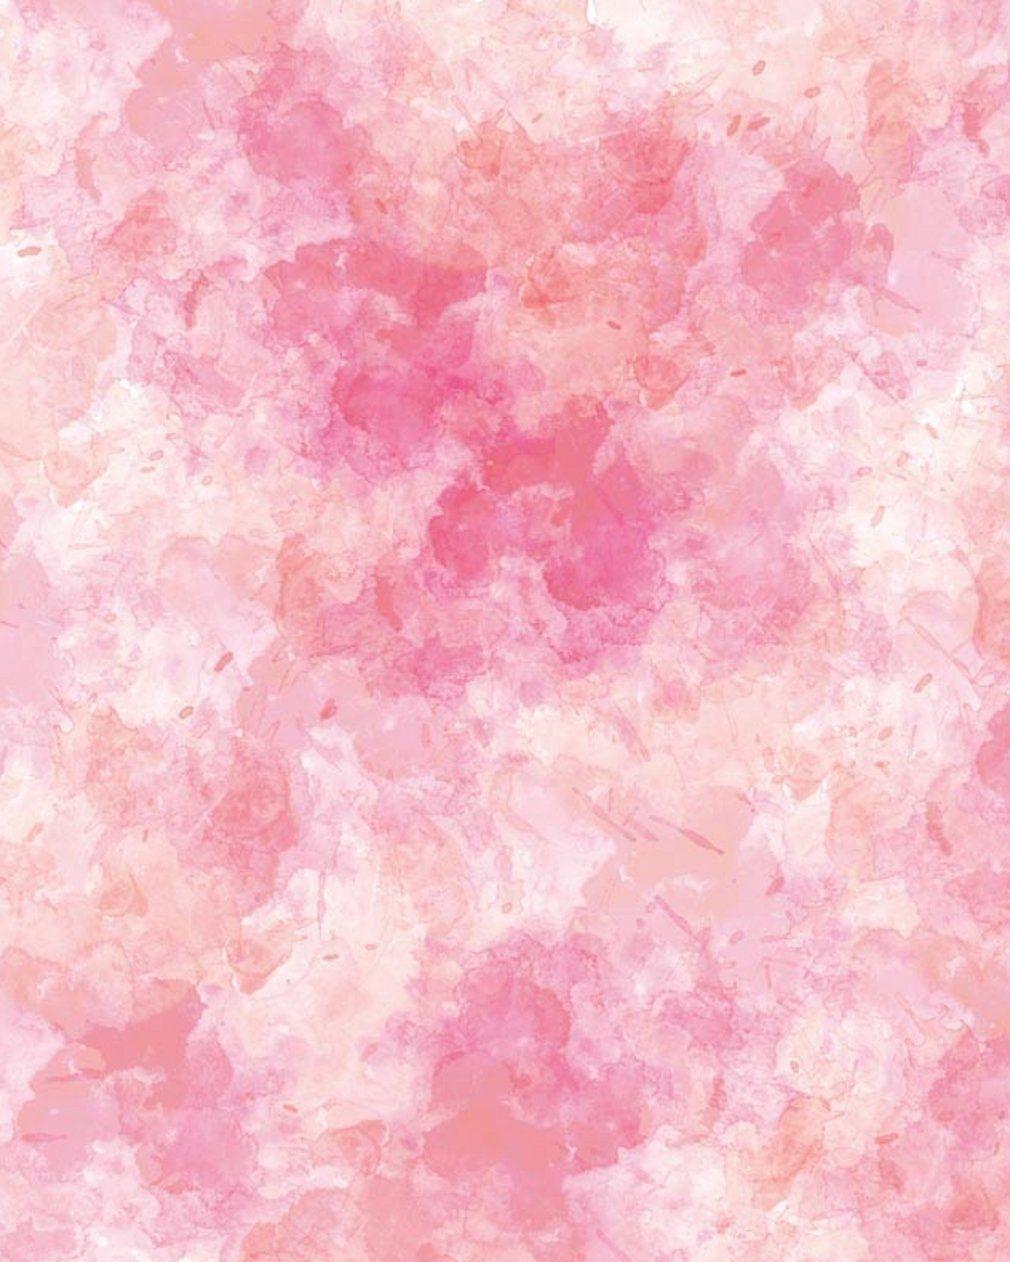 Compre Abstrato Rosa Aquarela Foto Fundos Para Estúdio Impresso Blurry Fotografia Backdrops Bebê